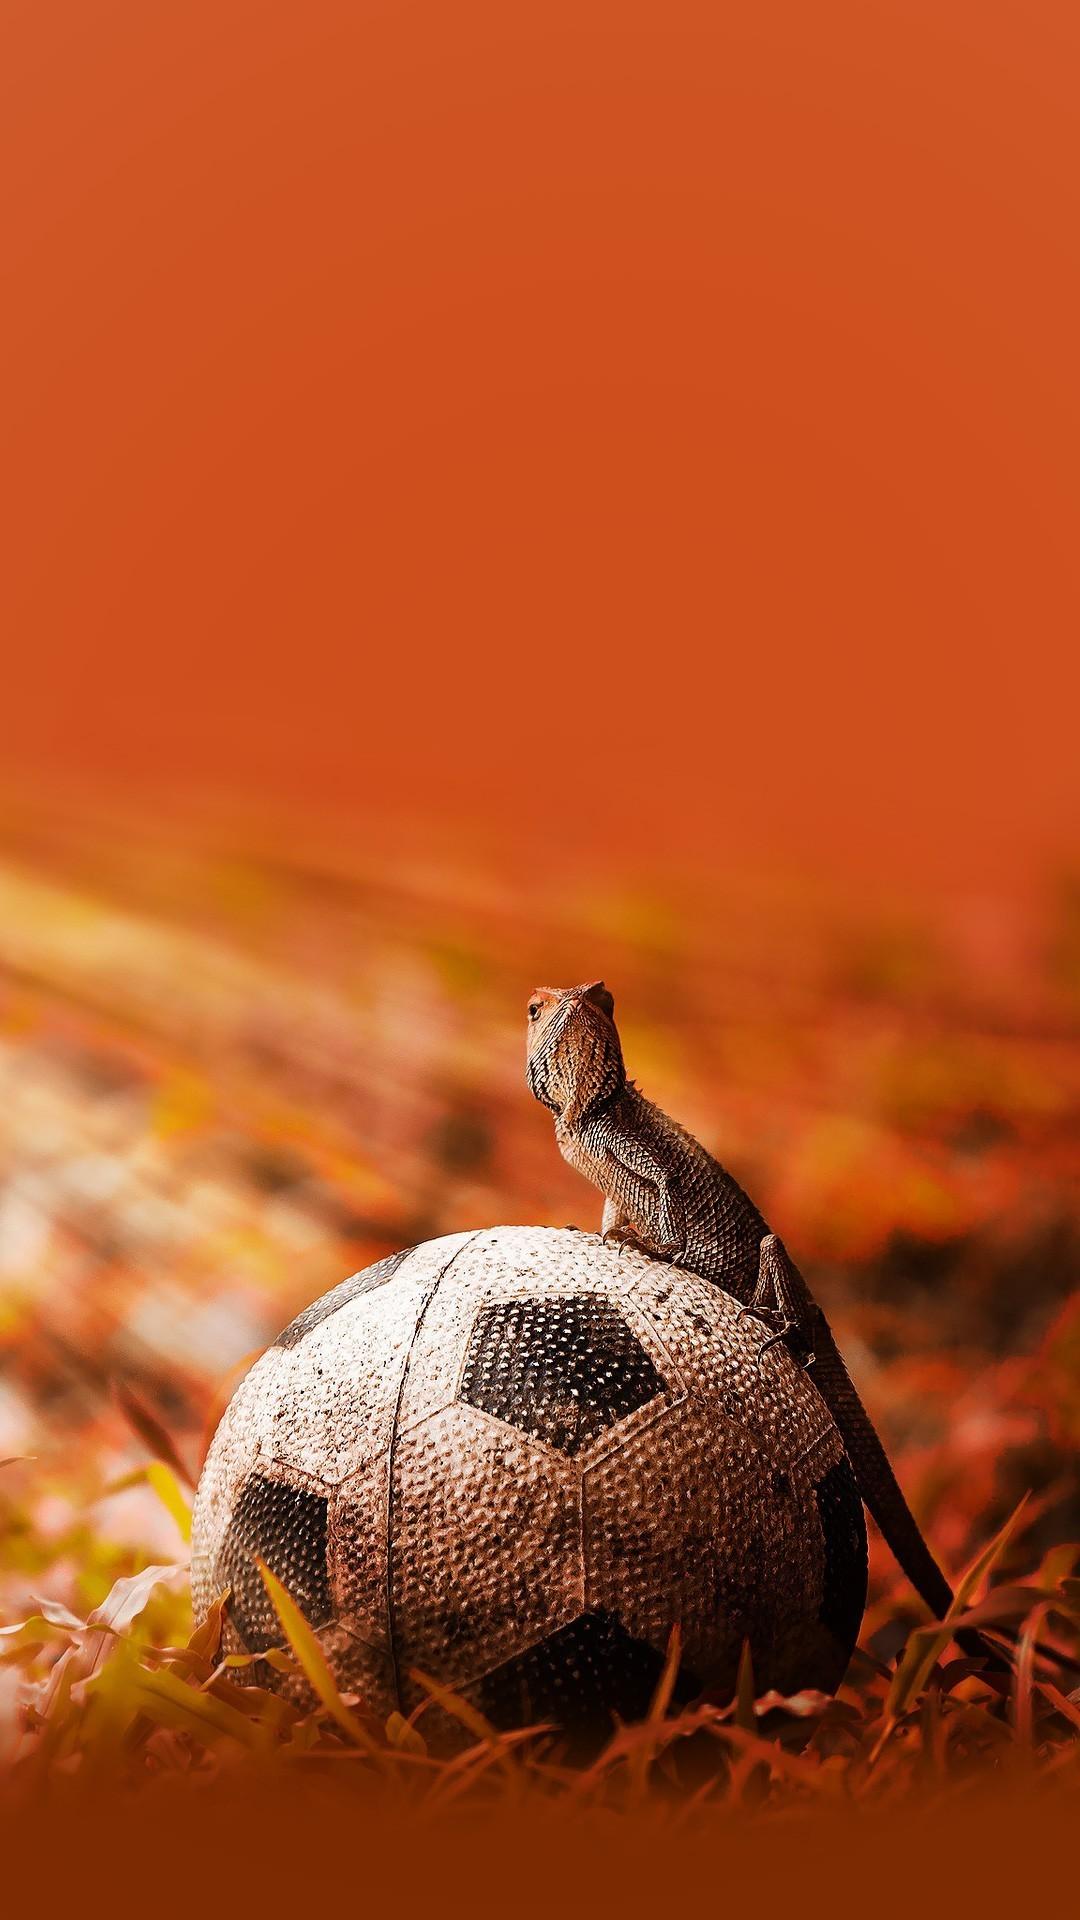 Iguana on a soccer ball Wallpaper